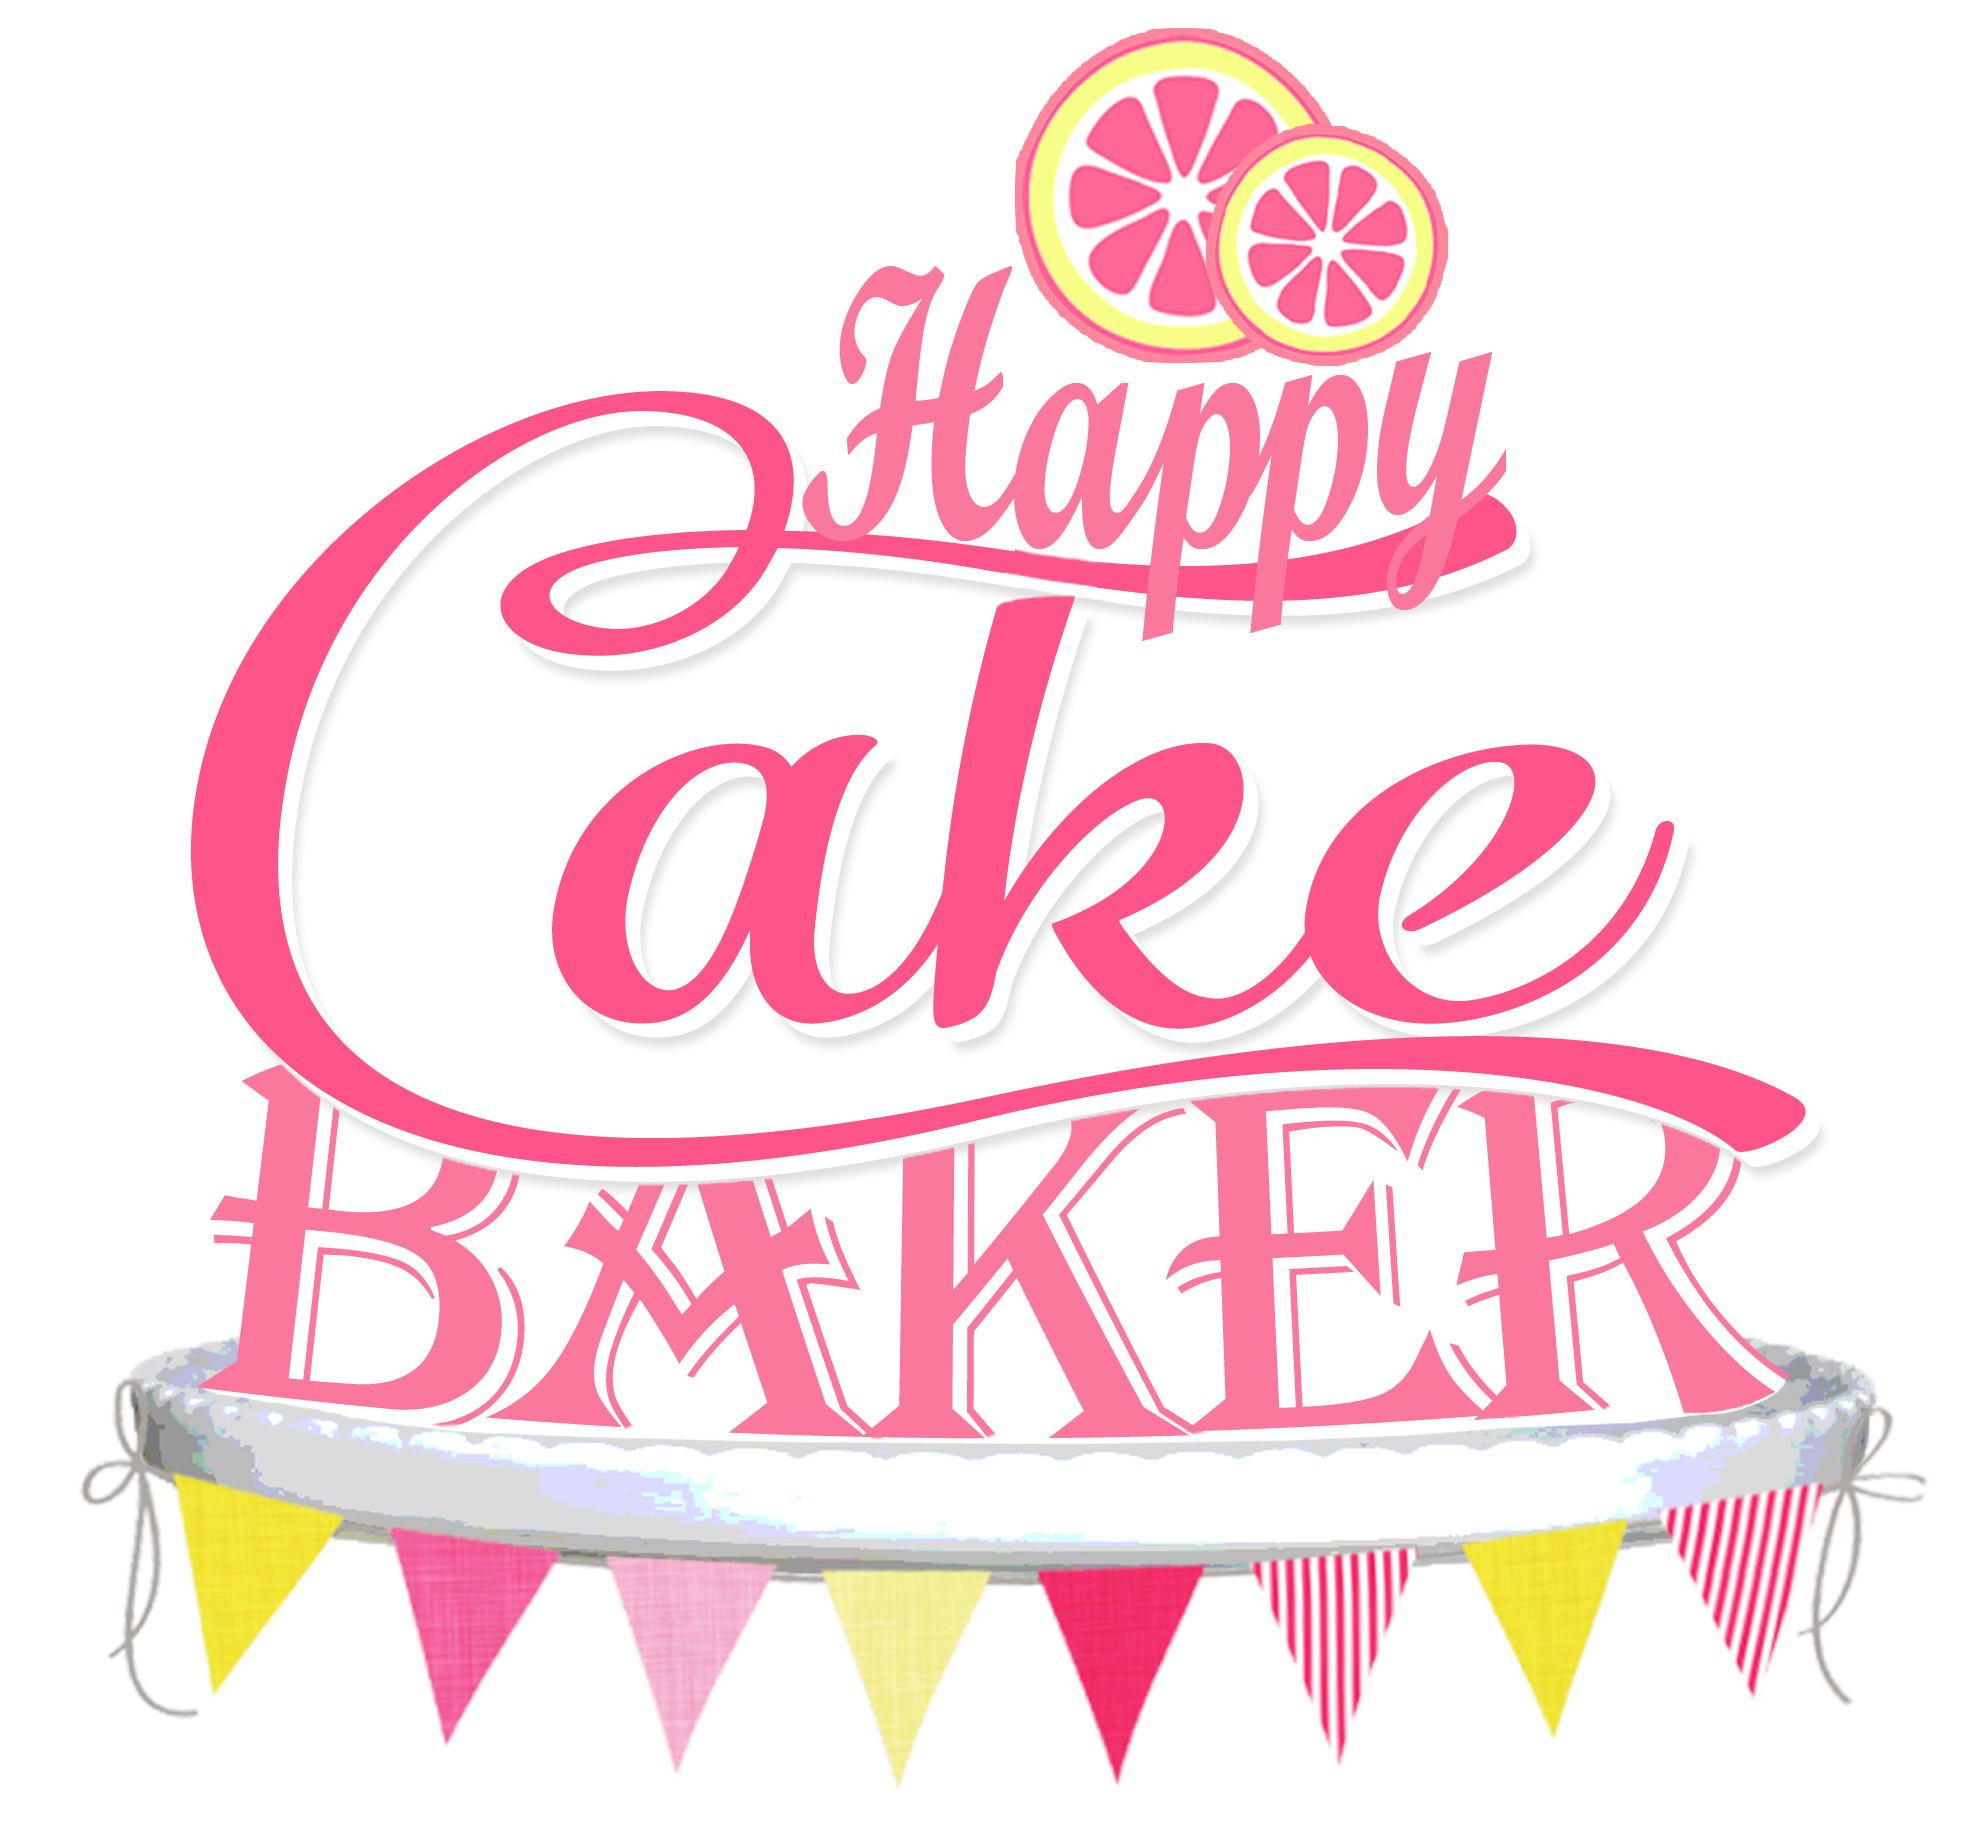 Logo_HappyCakeBaker_PNG